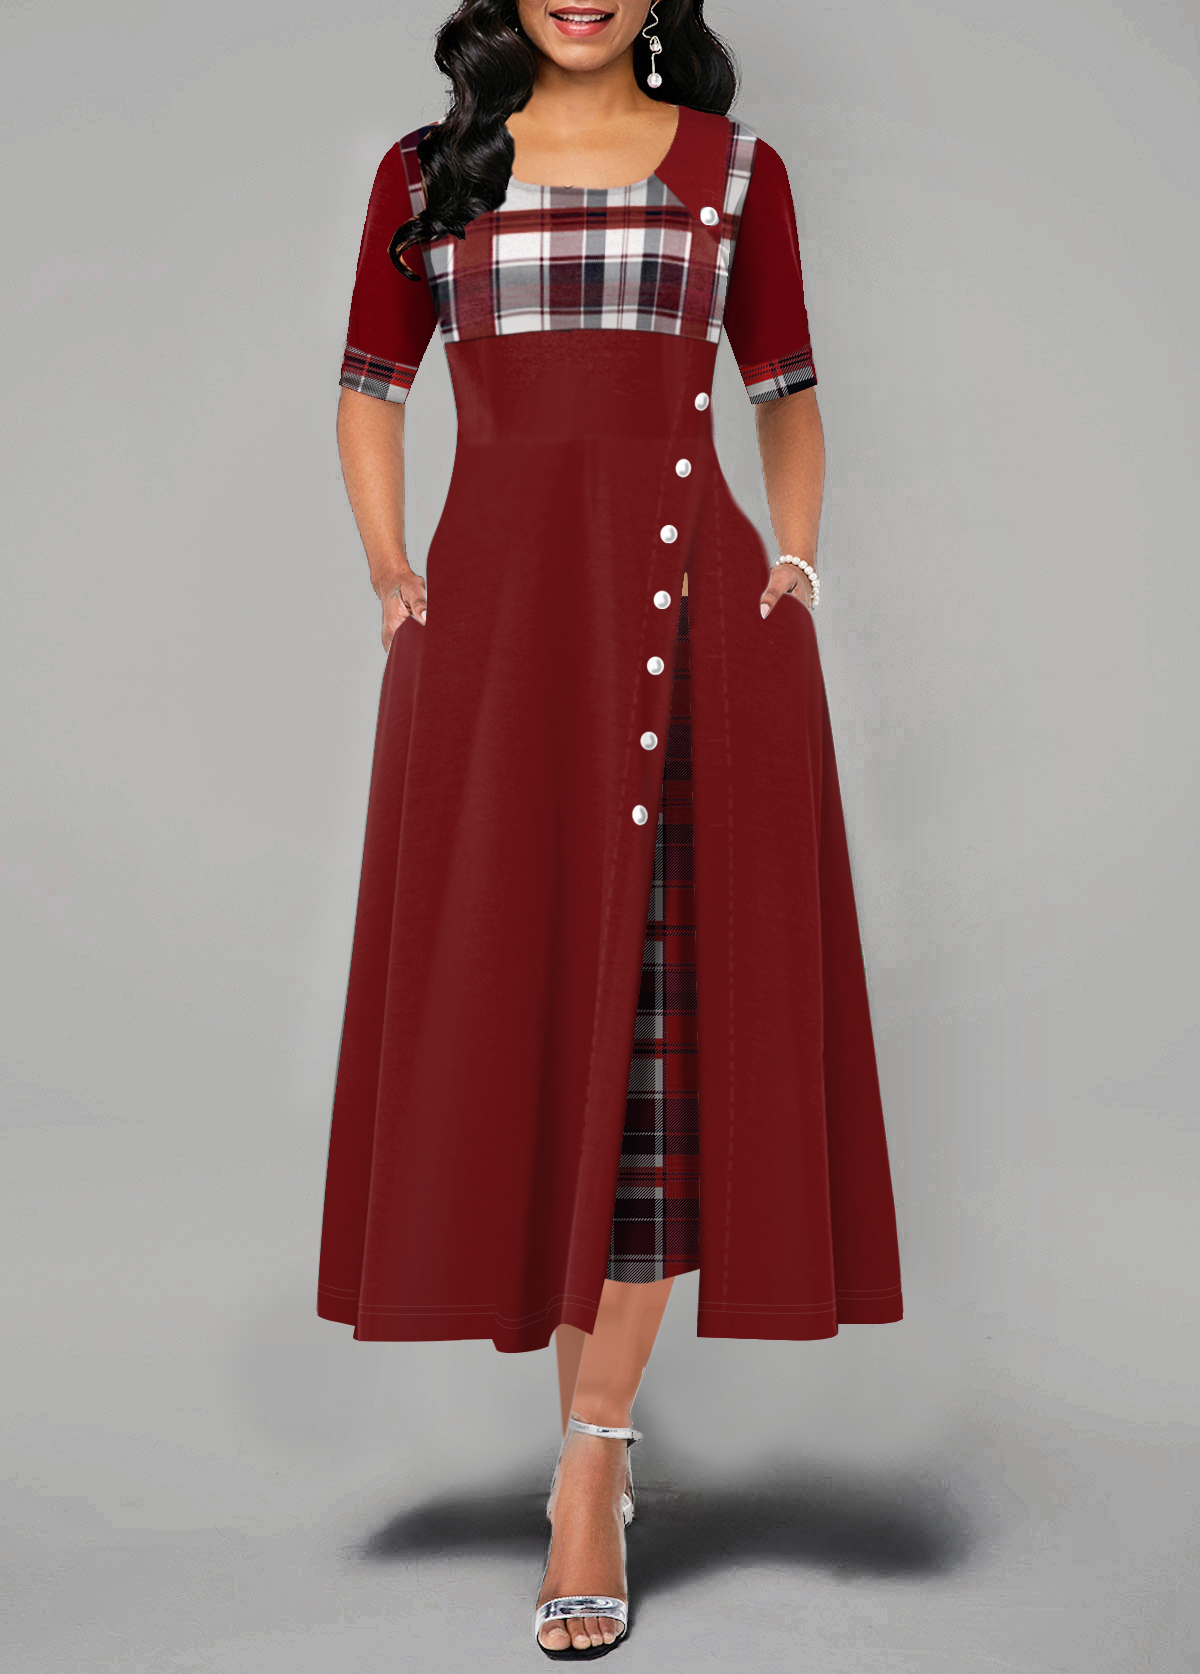 Plaid Print Button Detail Half Sleeve Maxi Dress